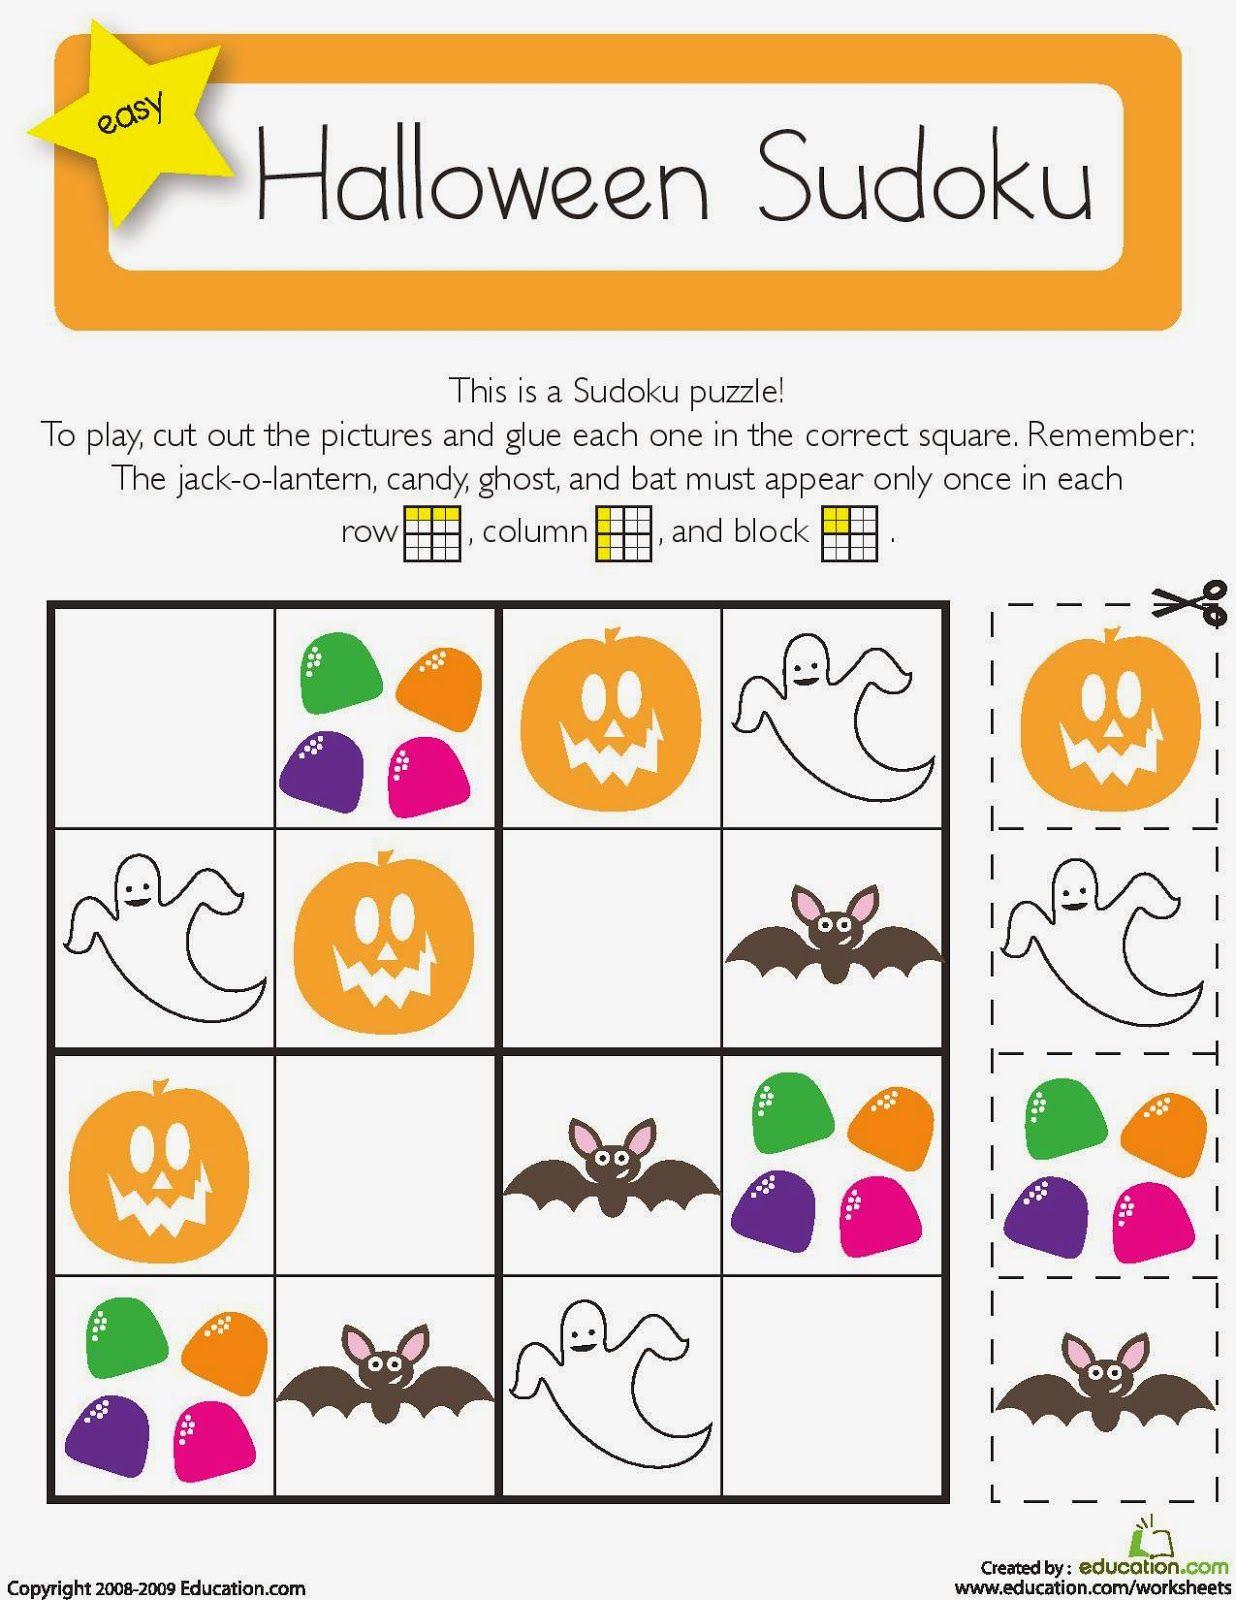 Desenvolvimento E Marci Lado Criativo Halloween